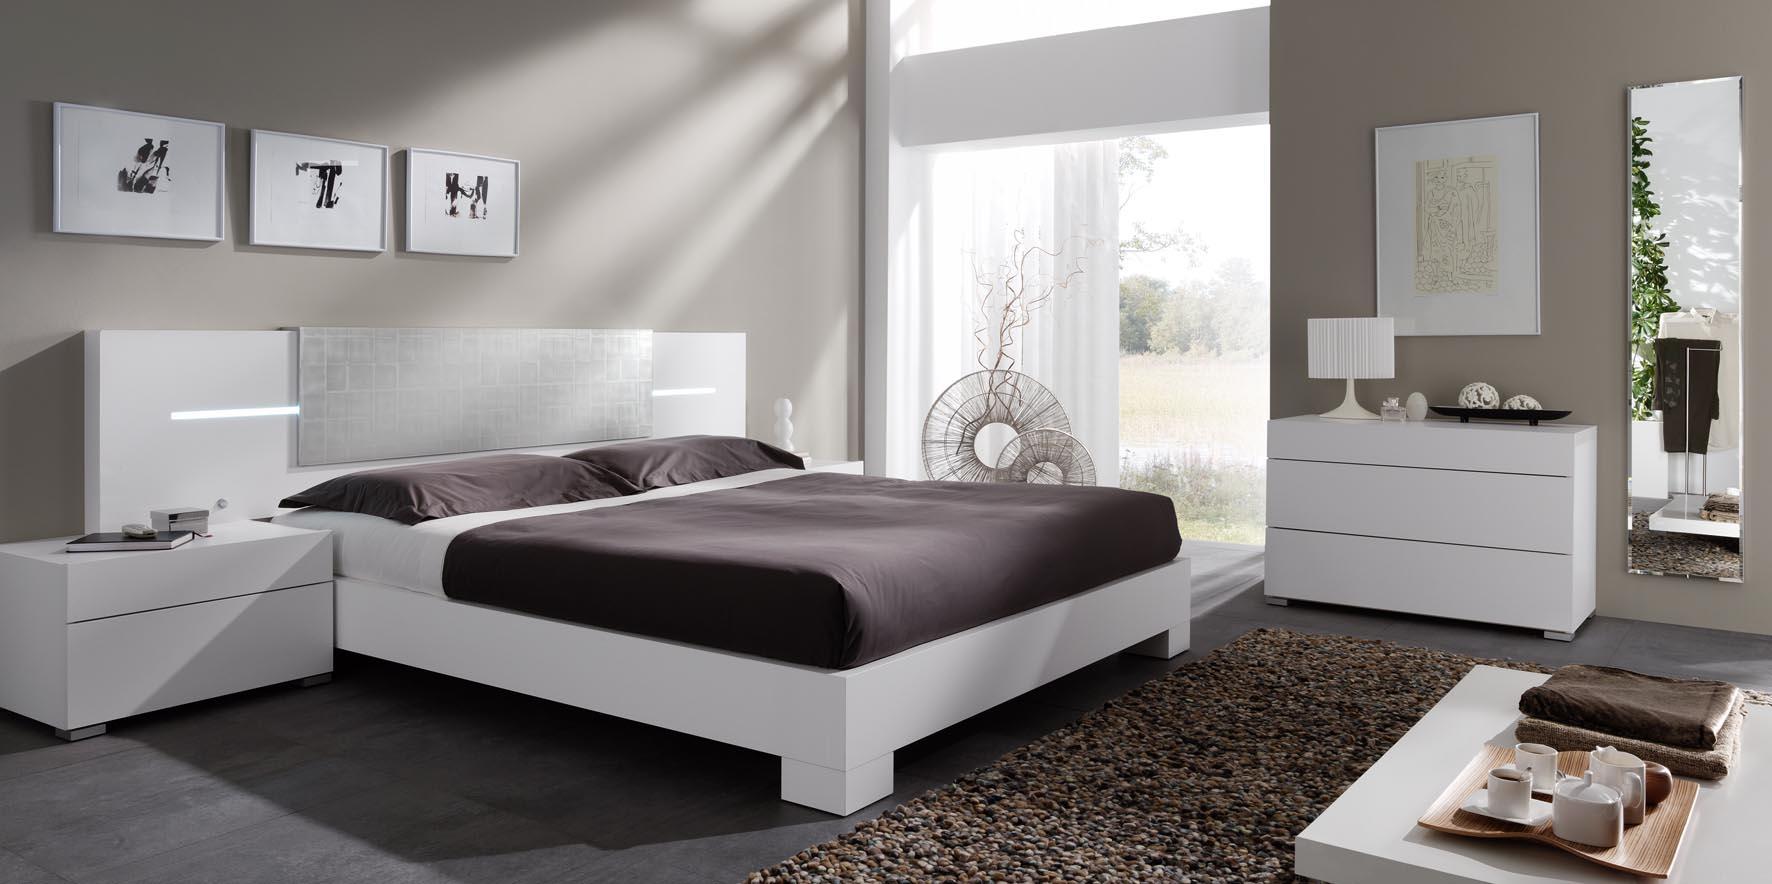 Colores en un dormitorio para mujeres - Dormitorios decoracion fotos ...